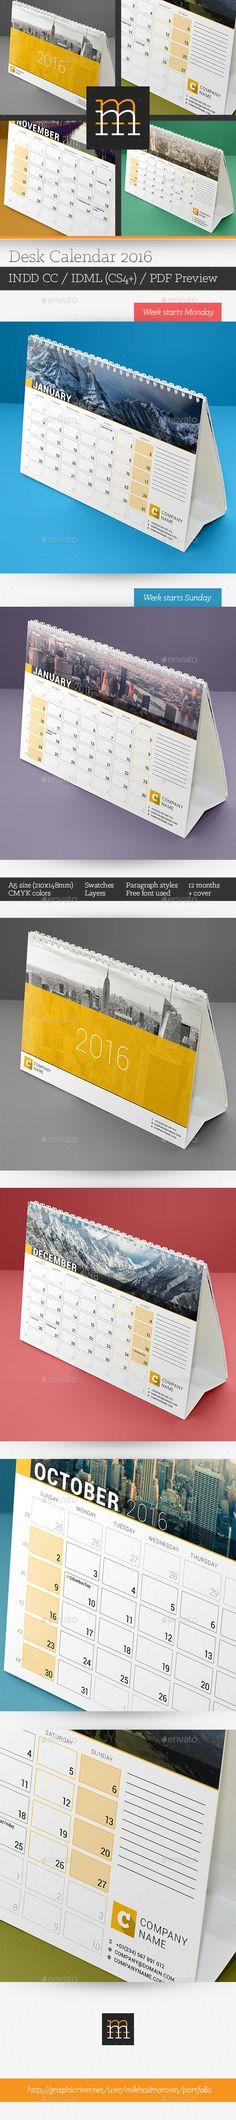 Desk Calendar 2016 Template InDesign INDD #design Download: http://graphicriver.net/item/desk-calendar-2016/13888598?ref=ksioks